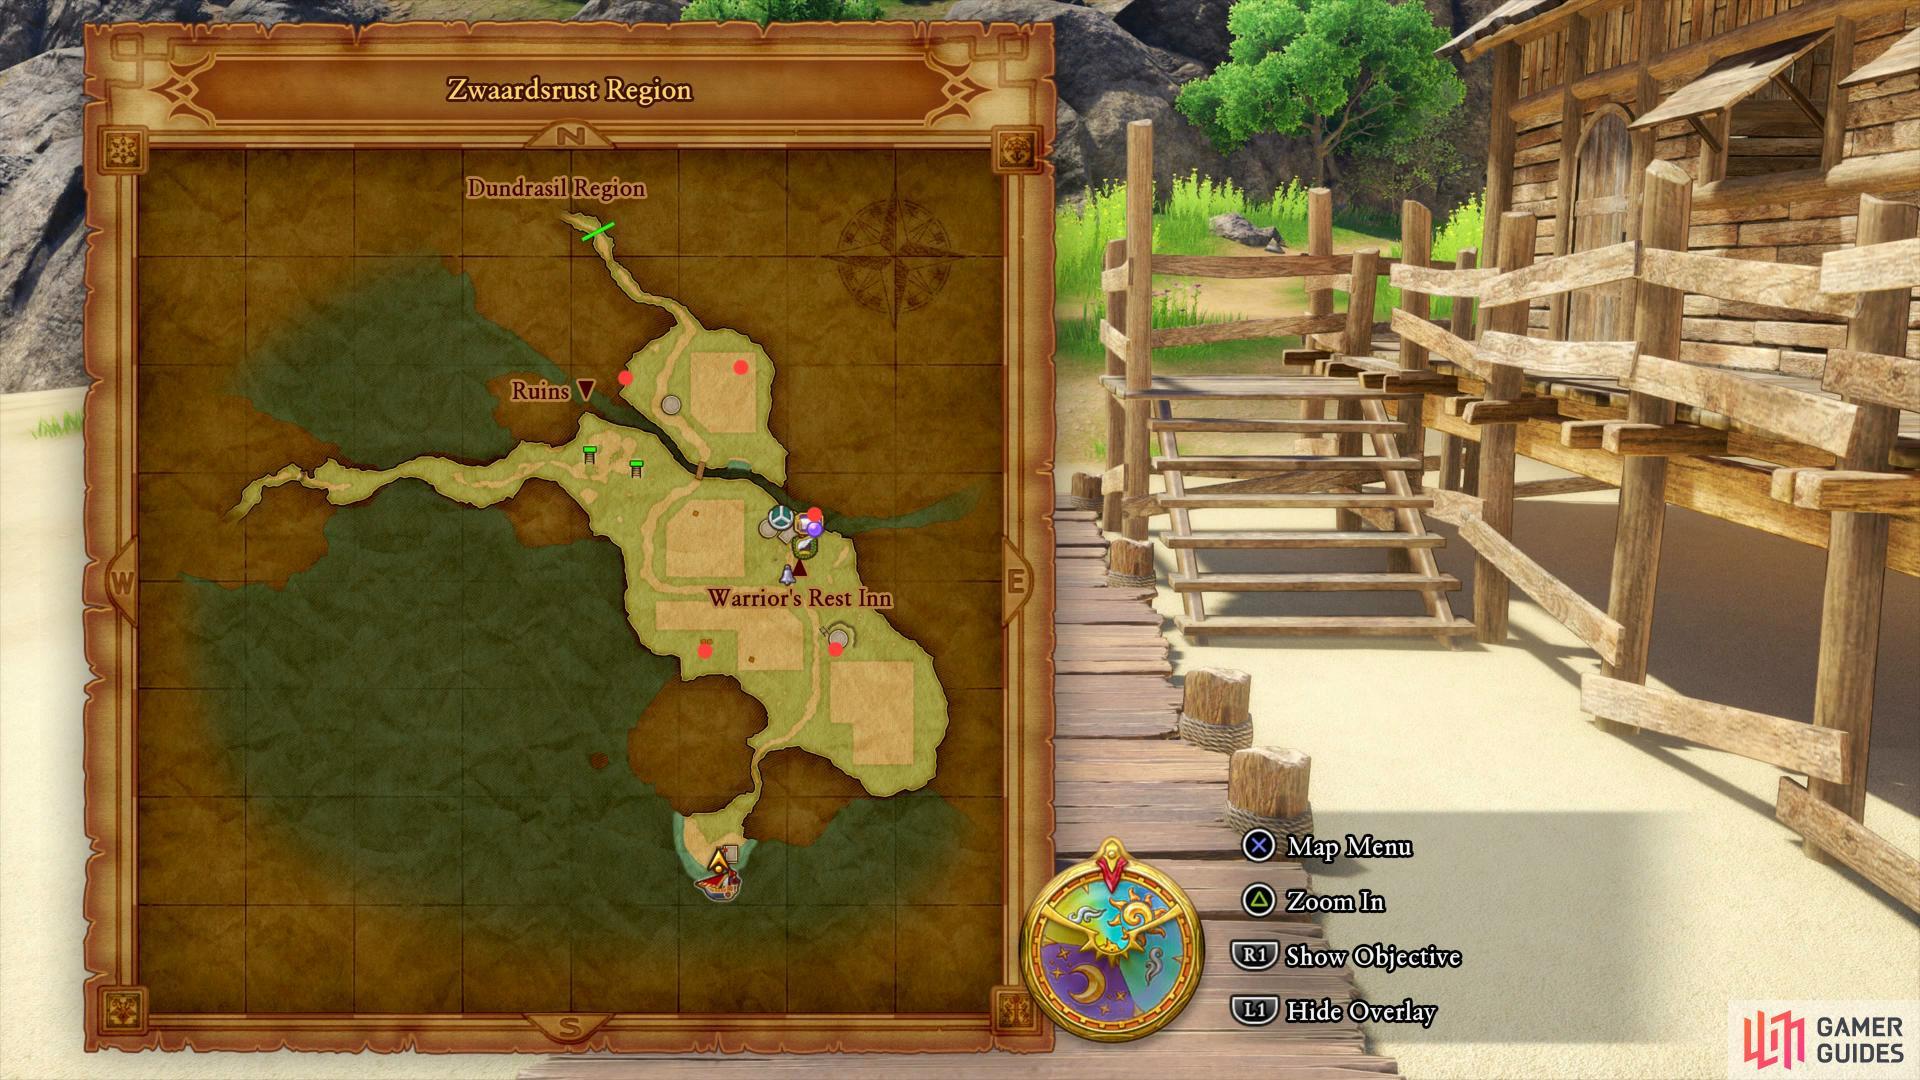 Zwaardsrust Region Crossbow Kid Dragon Quest Xi Echoes Of An